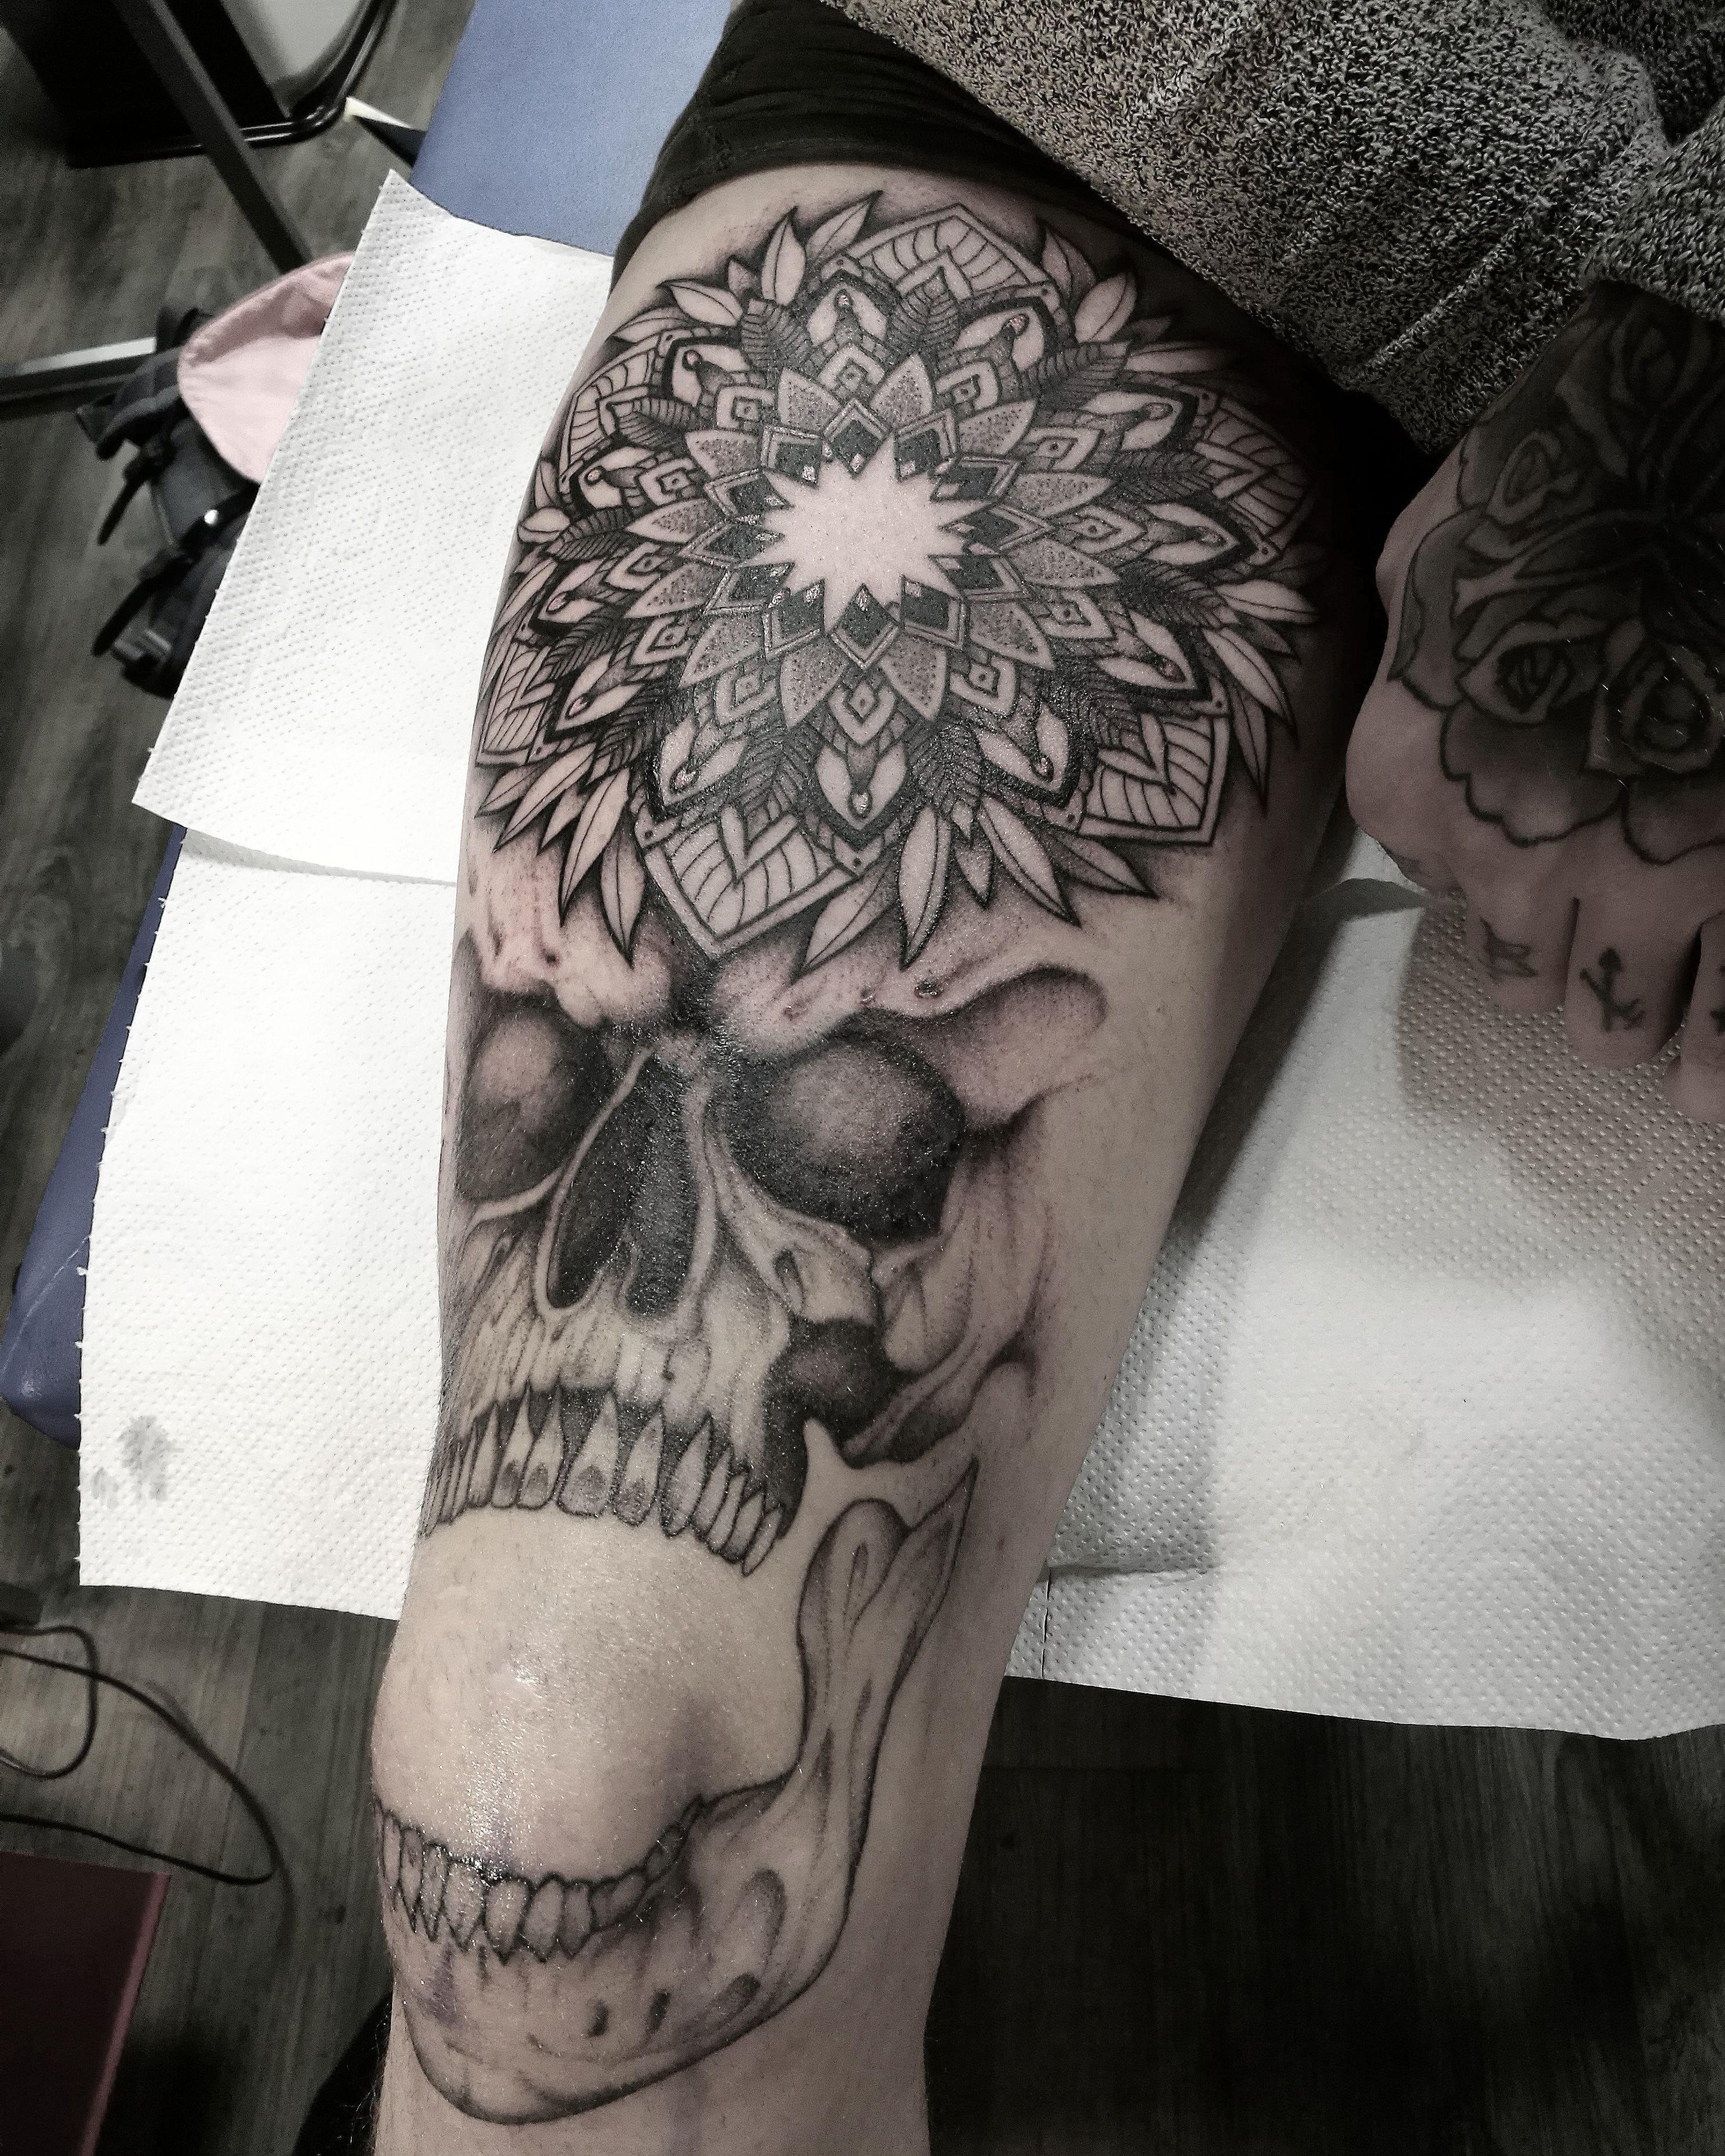 Knee Tattoo Ideas : tattoo, ideas, Tattoo, #knee, #skull, #mandala, Tattoo,, Tattoos, Guys,, Sleeve